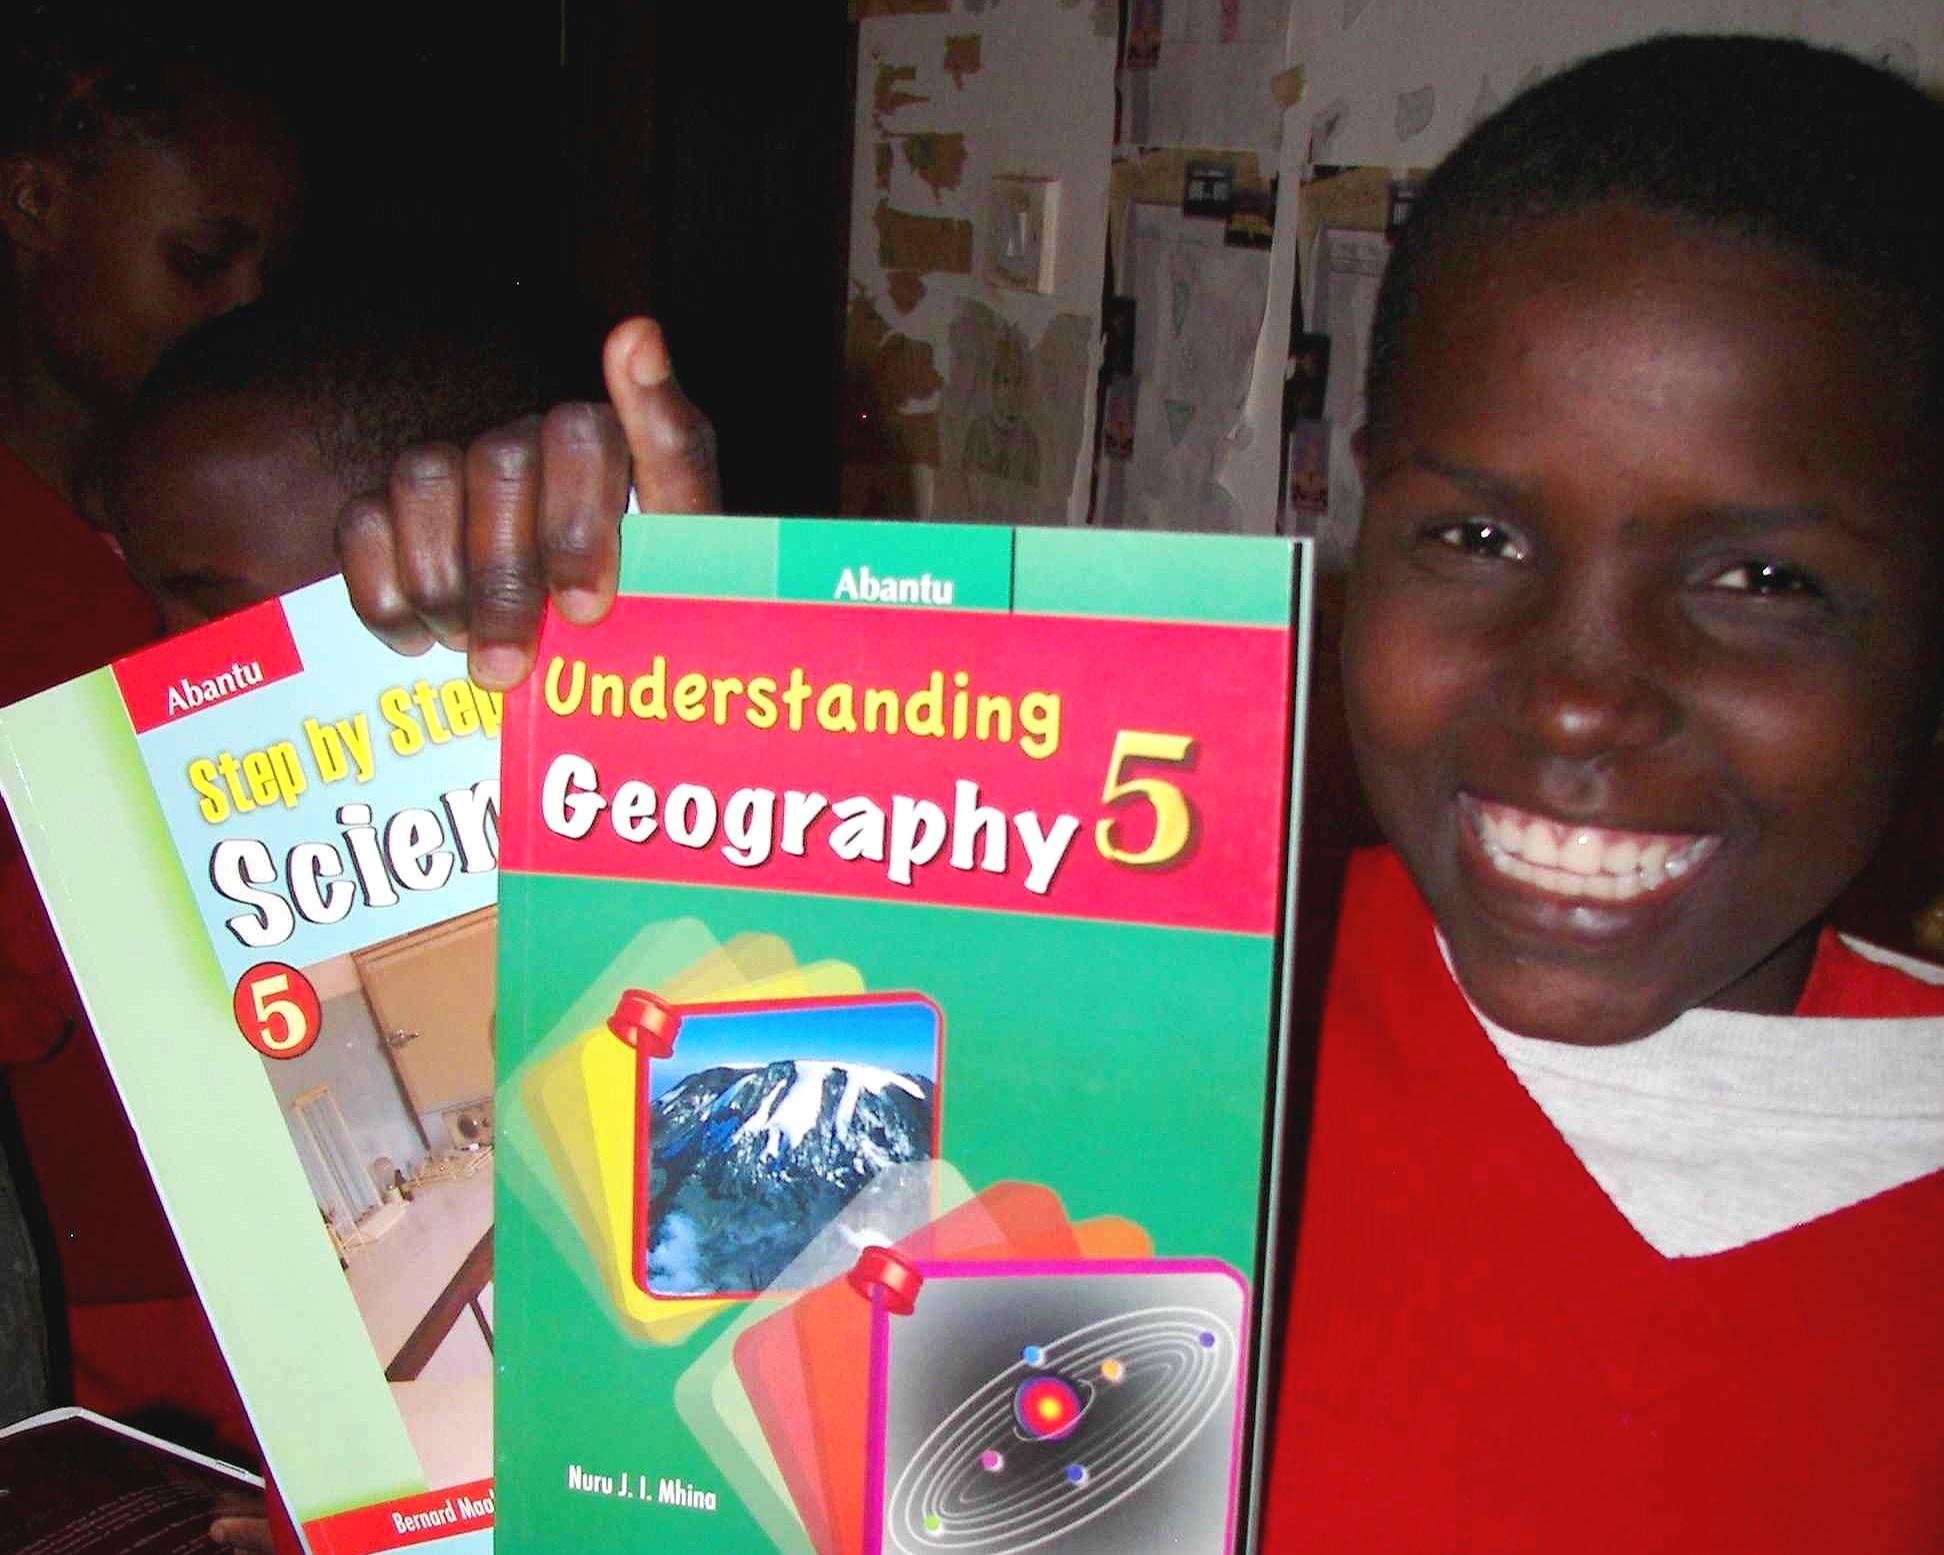 SubiraWithBooksforSchool.jpg